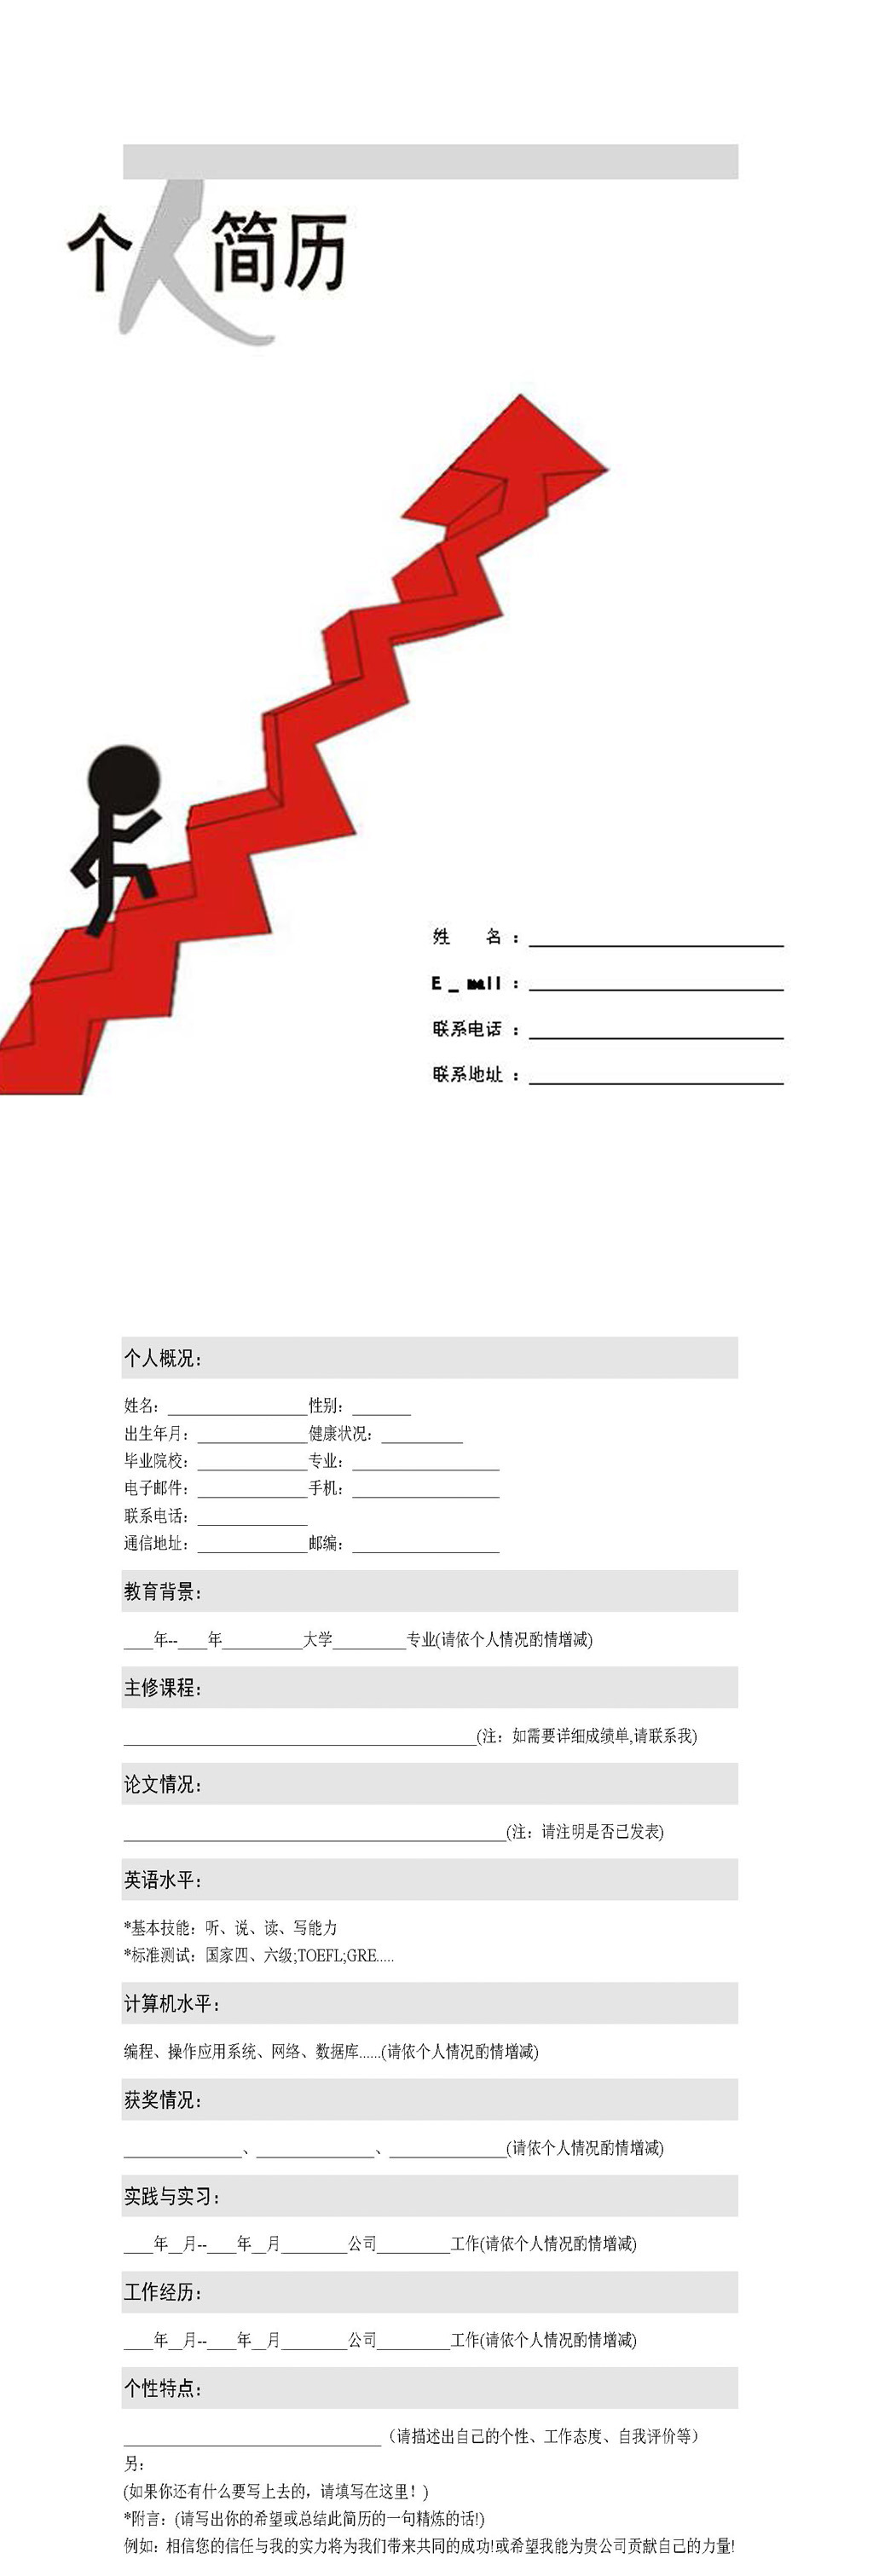 大学生工作简历自荐信个信简历模板下载(图片编号:)图片